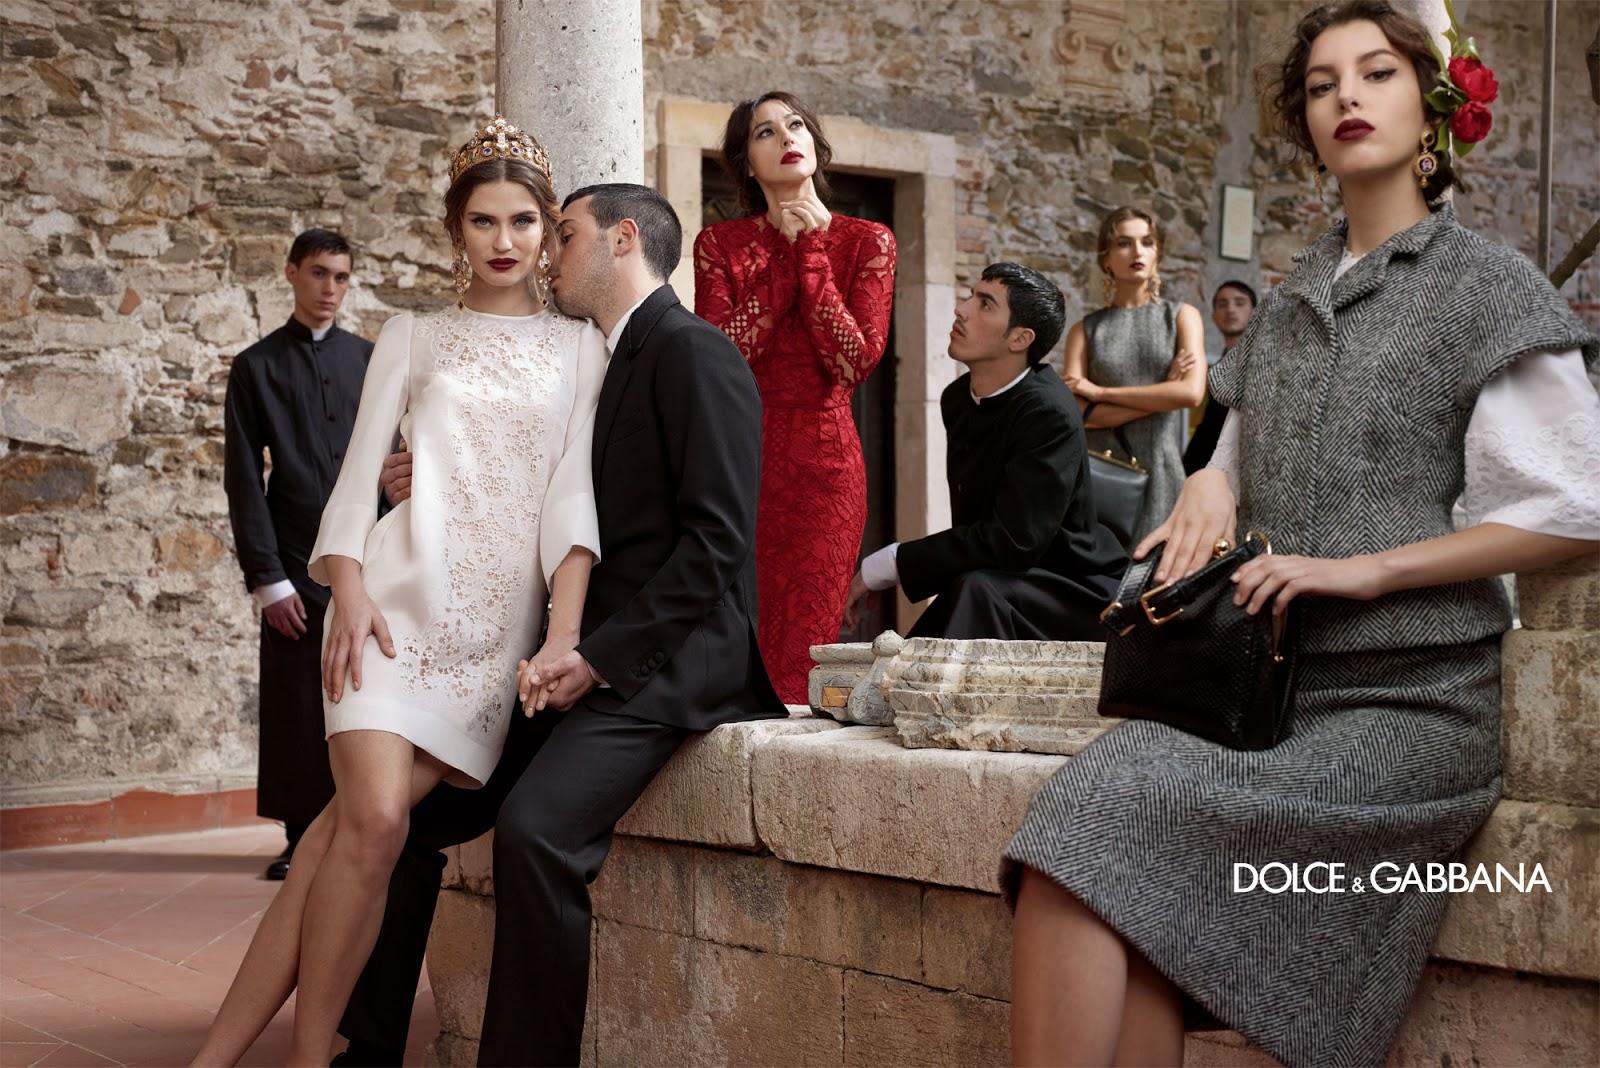 Для съемок рекламной кампании весенне-летней коллекции - 2017 dolce  gabbana отправляются на капри